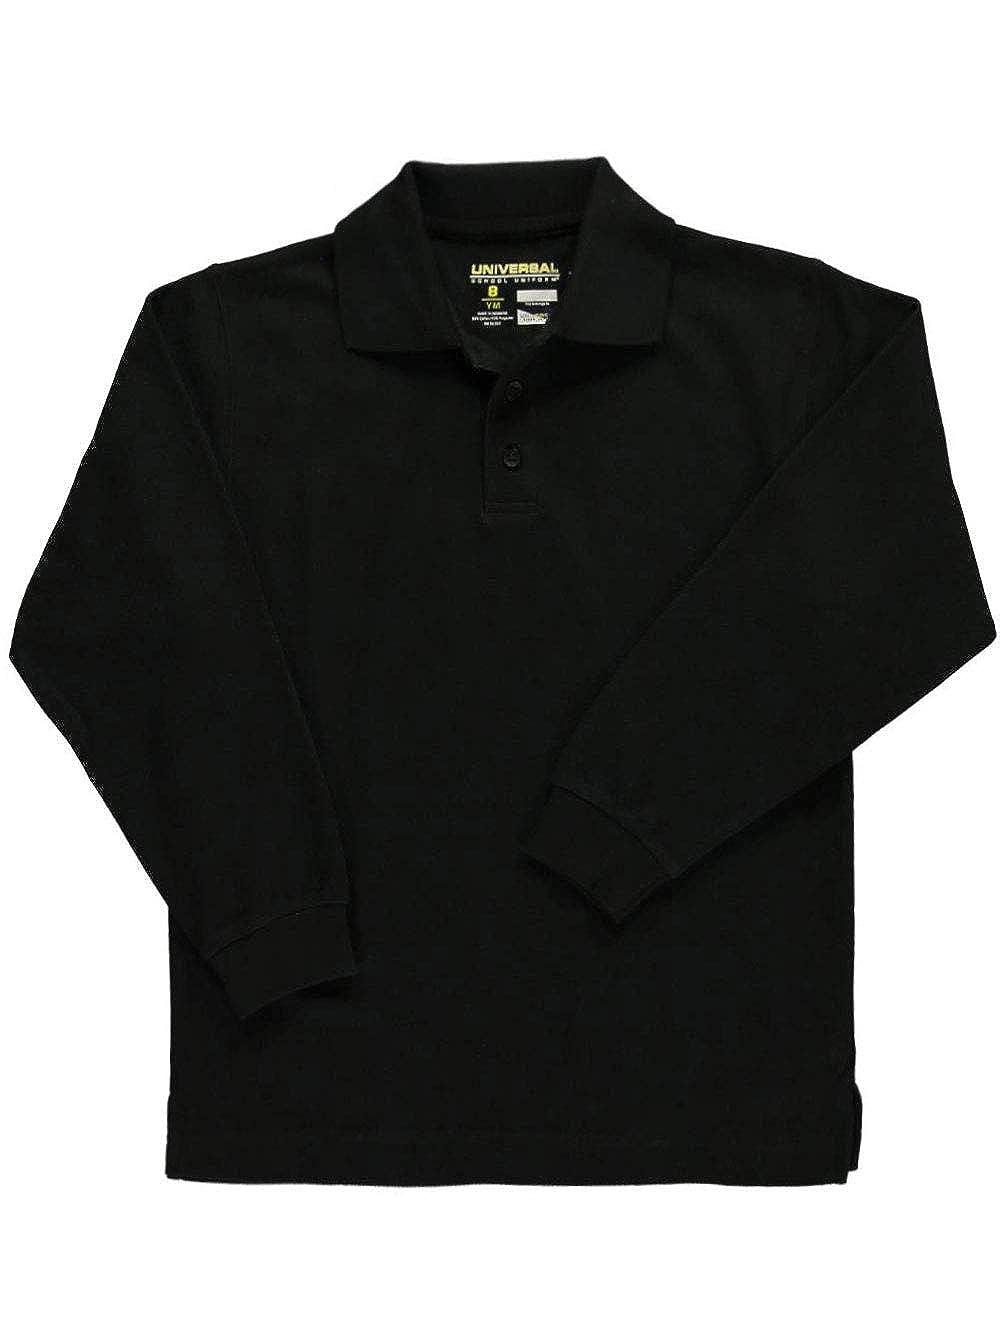 16 Universal Unisex L//S Pique Polo Black